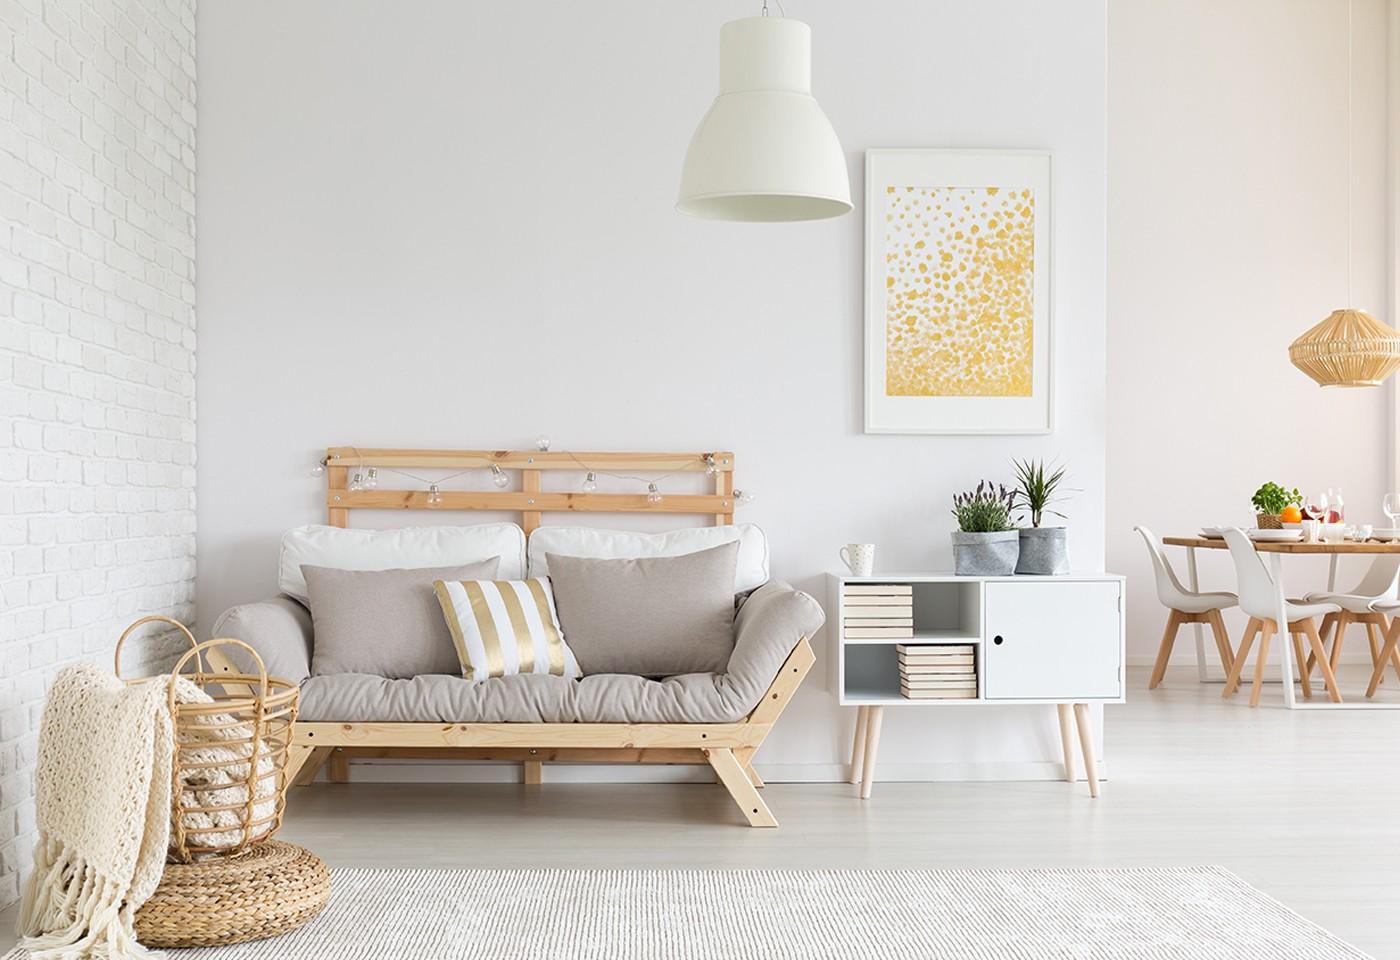 idee arredamento casa low cost stile industriale e stile